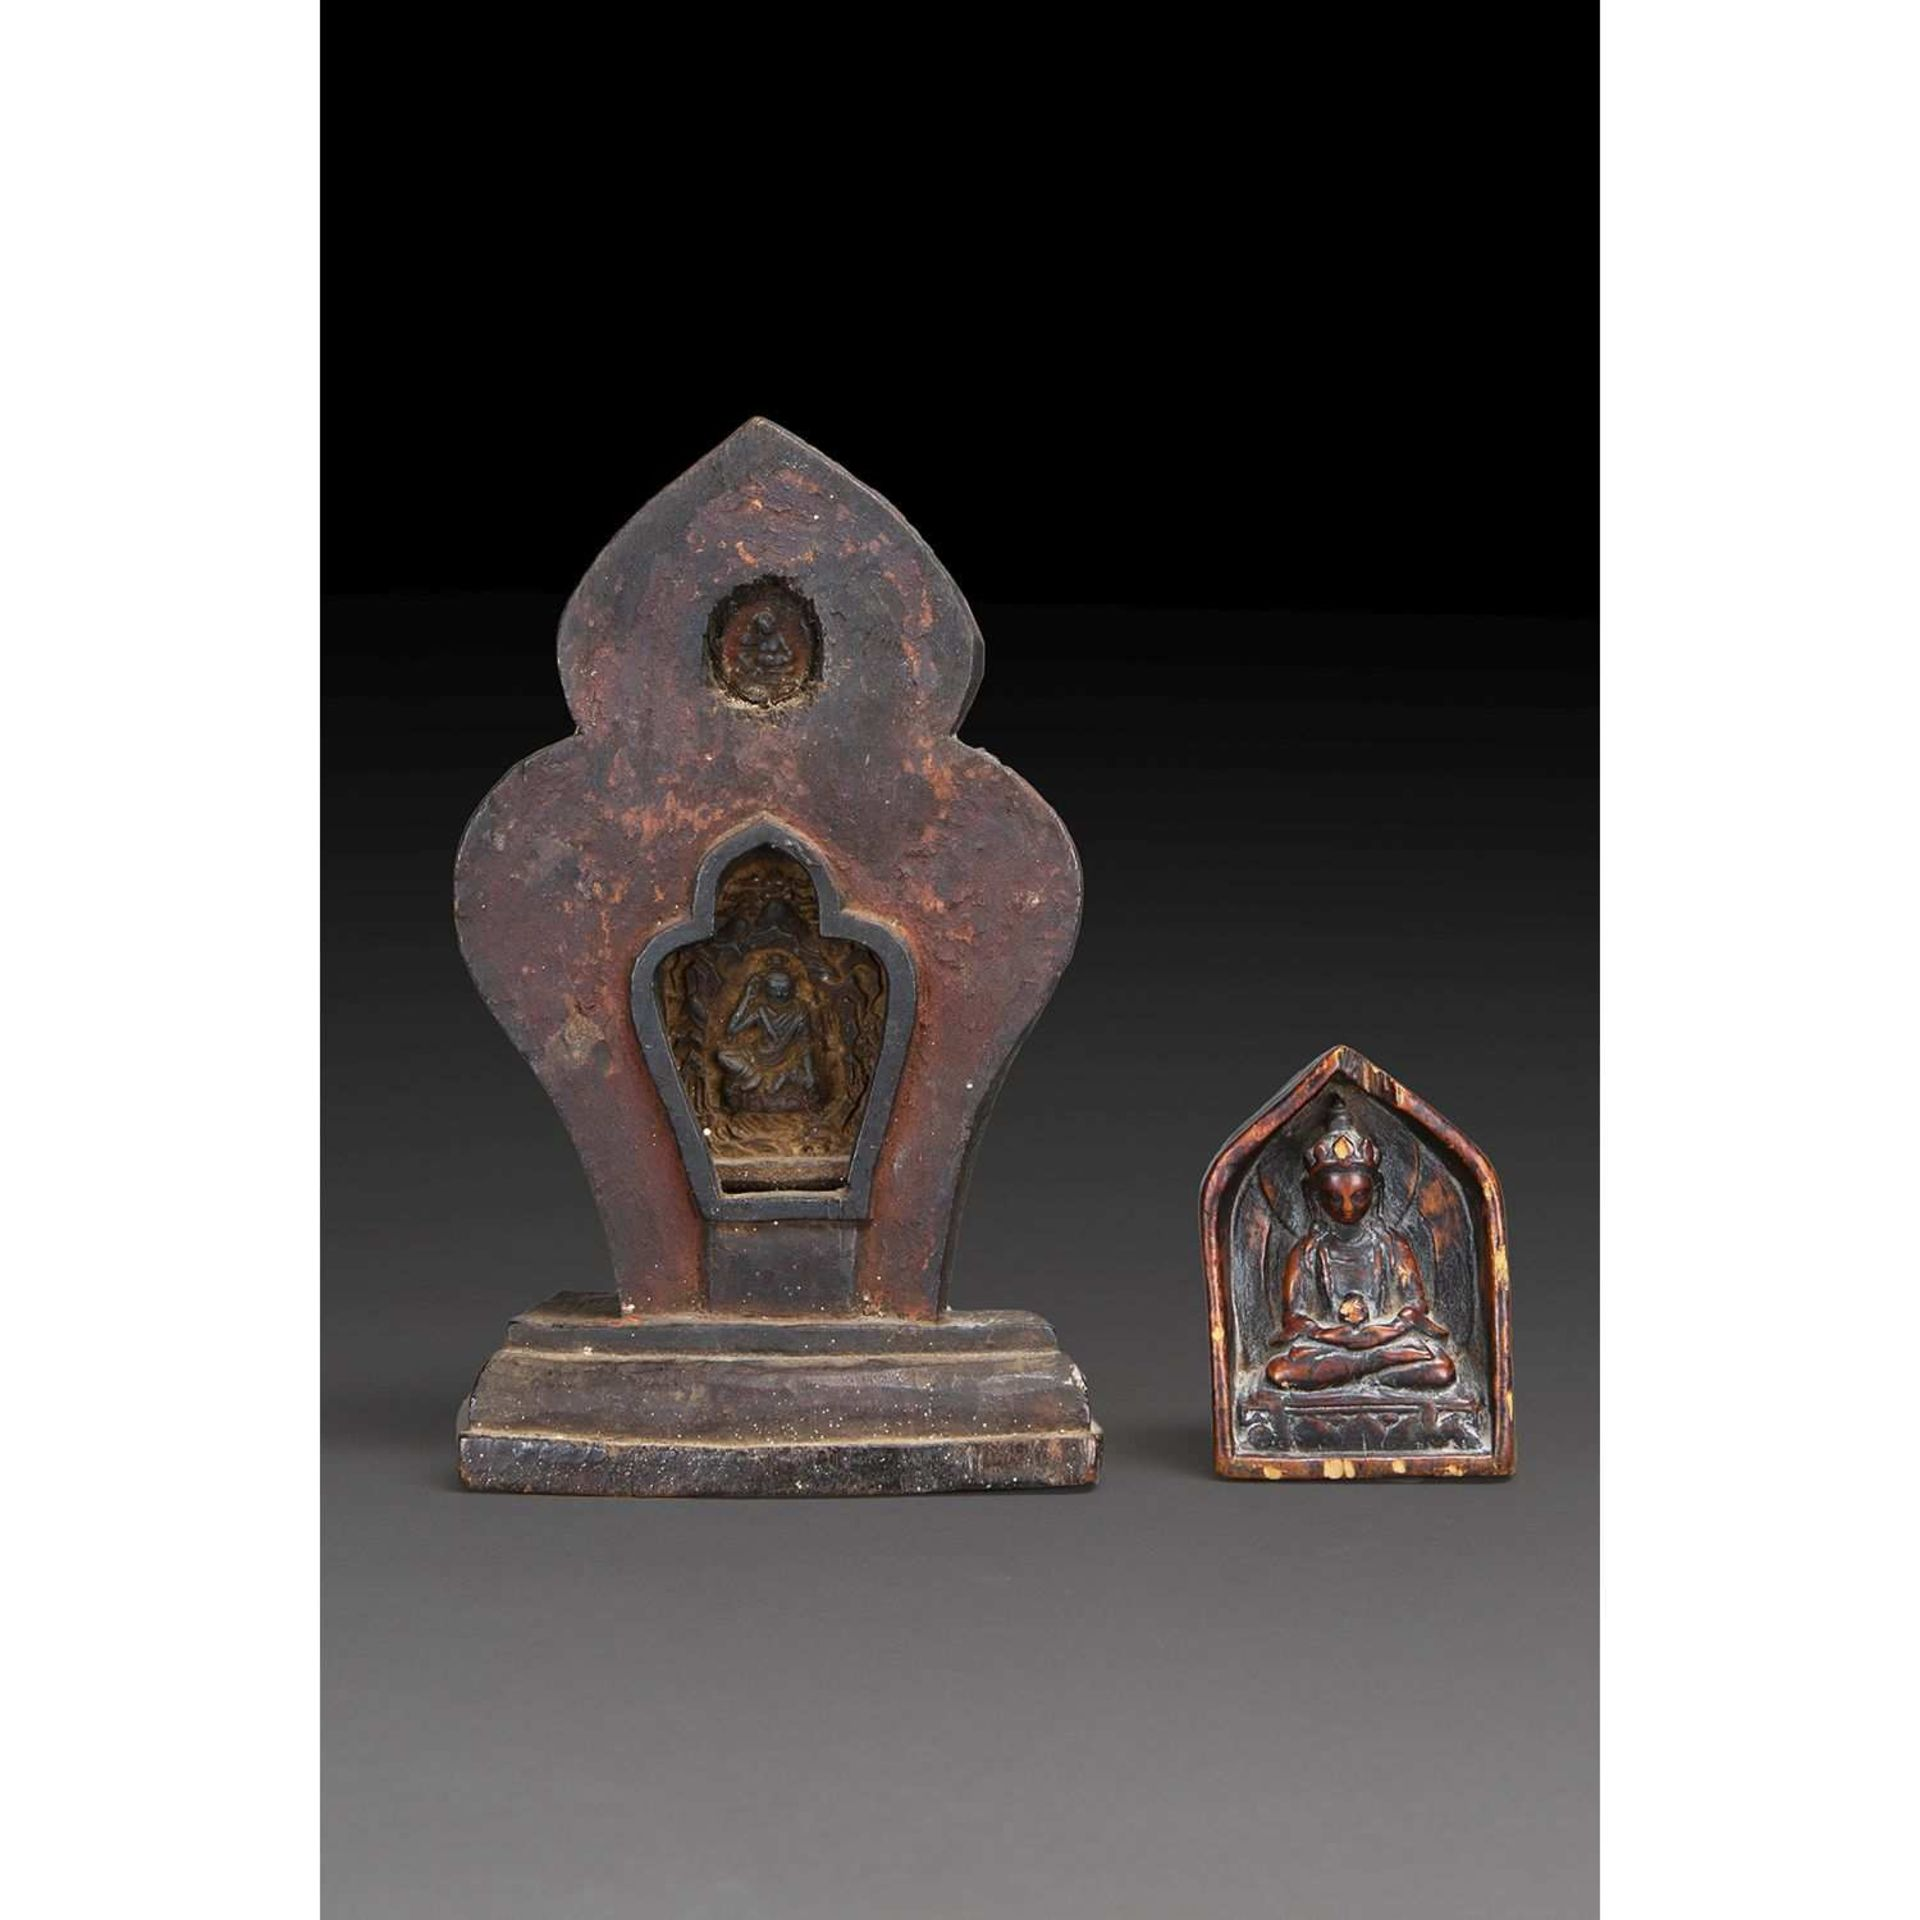 LOT DE DEUX IMAGES VOTIVES comprenant un Amitayus en bois, en méditation dans une niche ; un